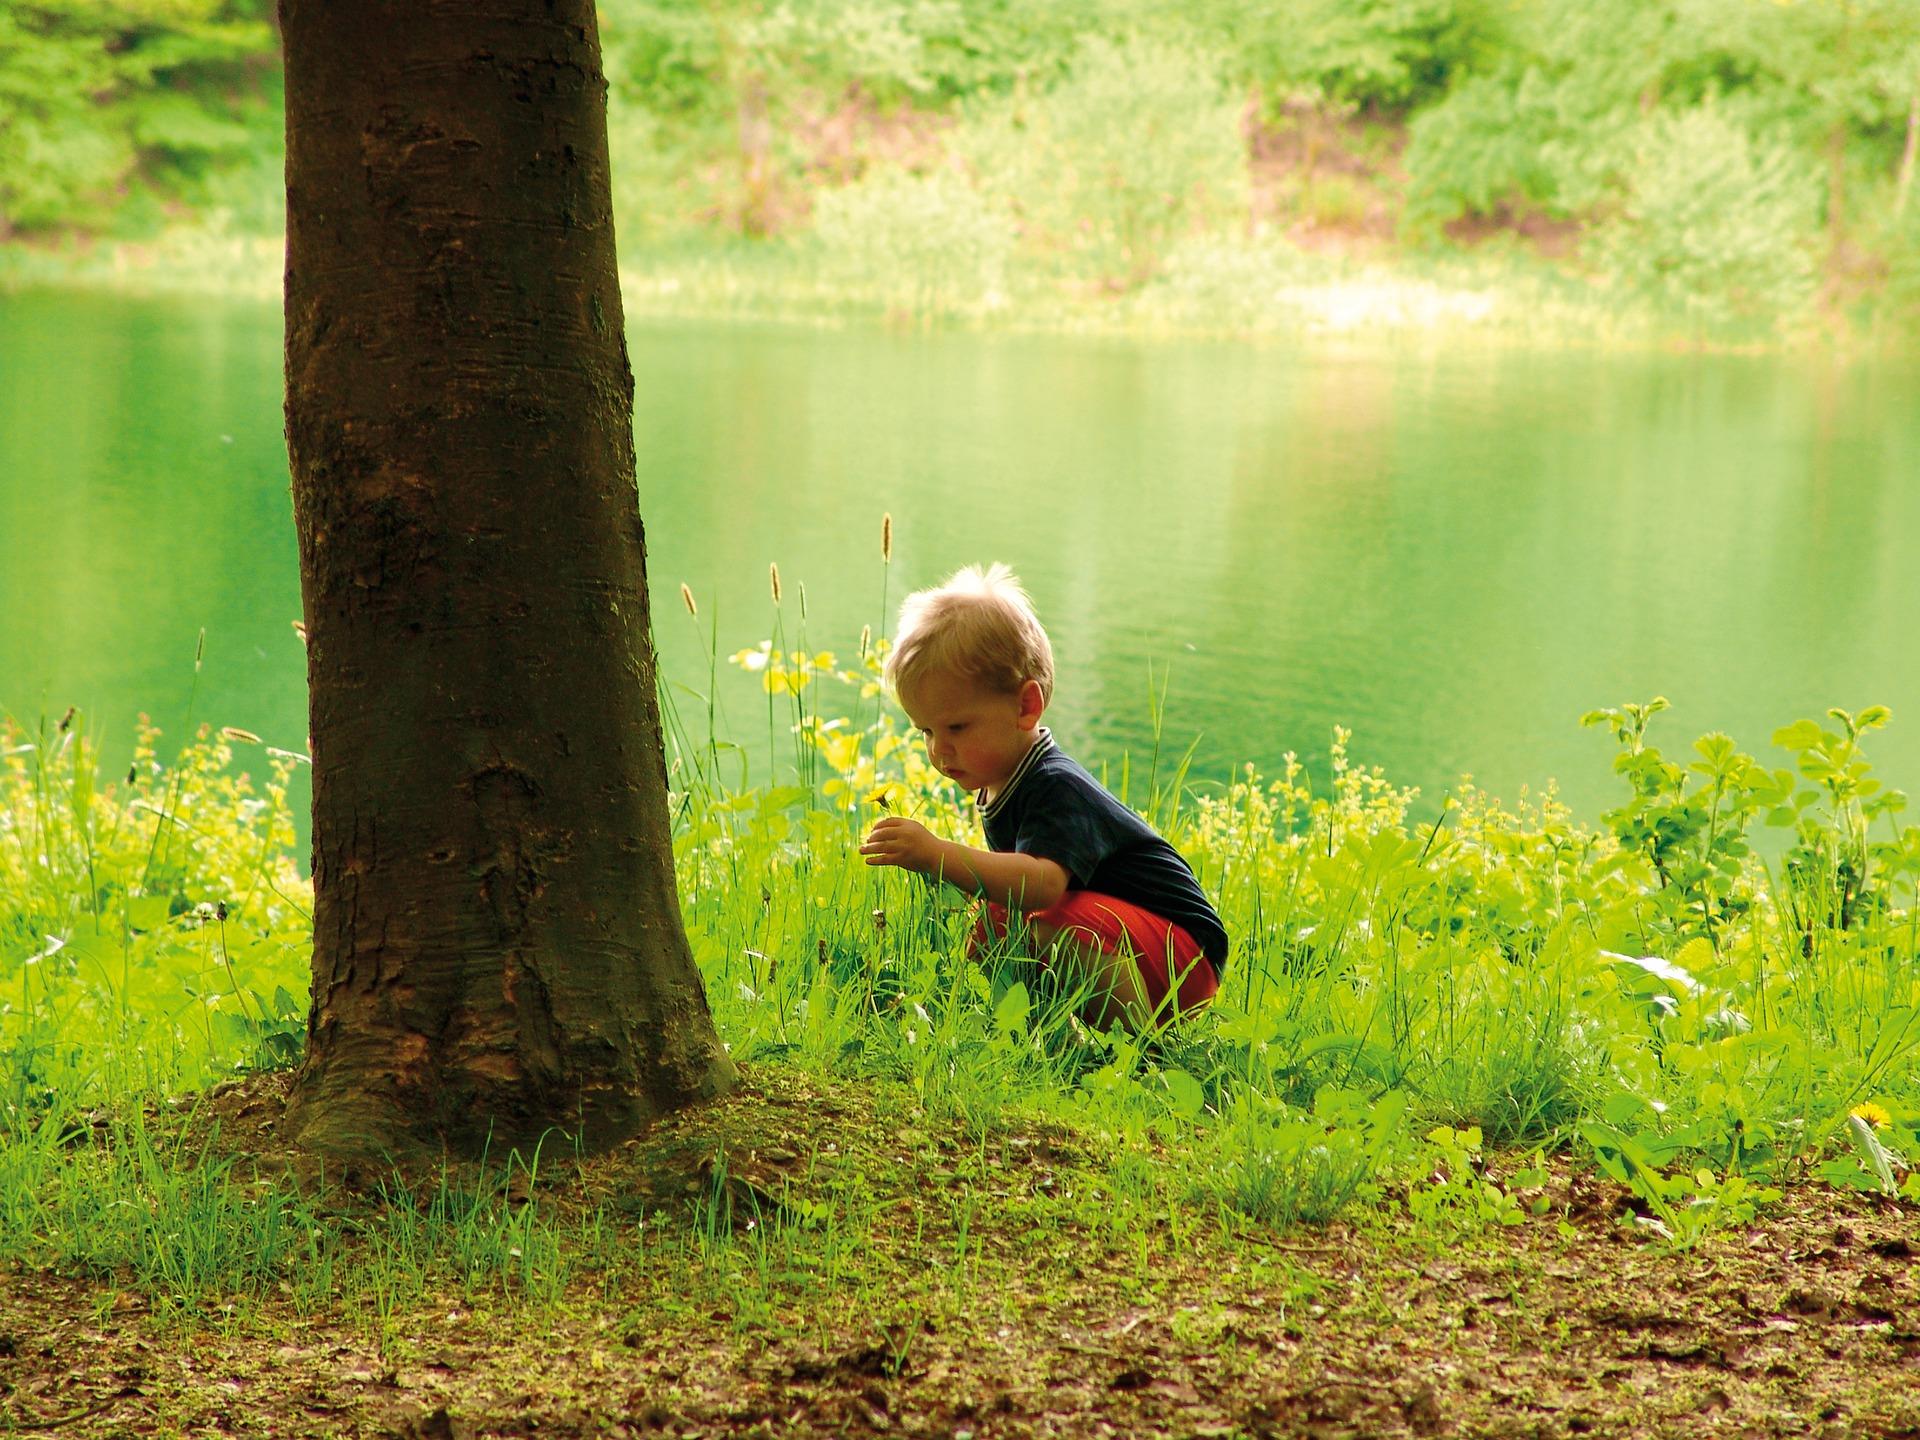 ילד בטבע